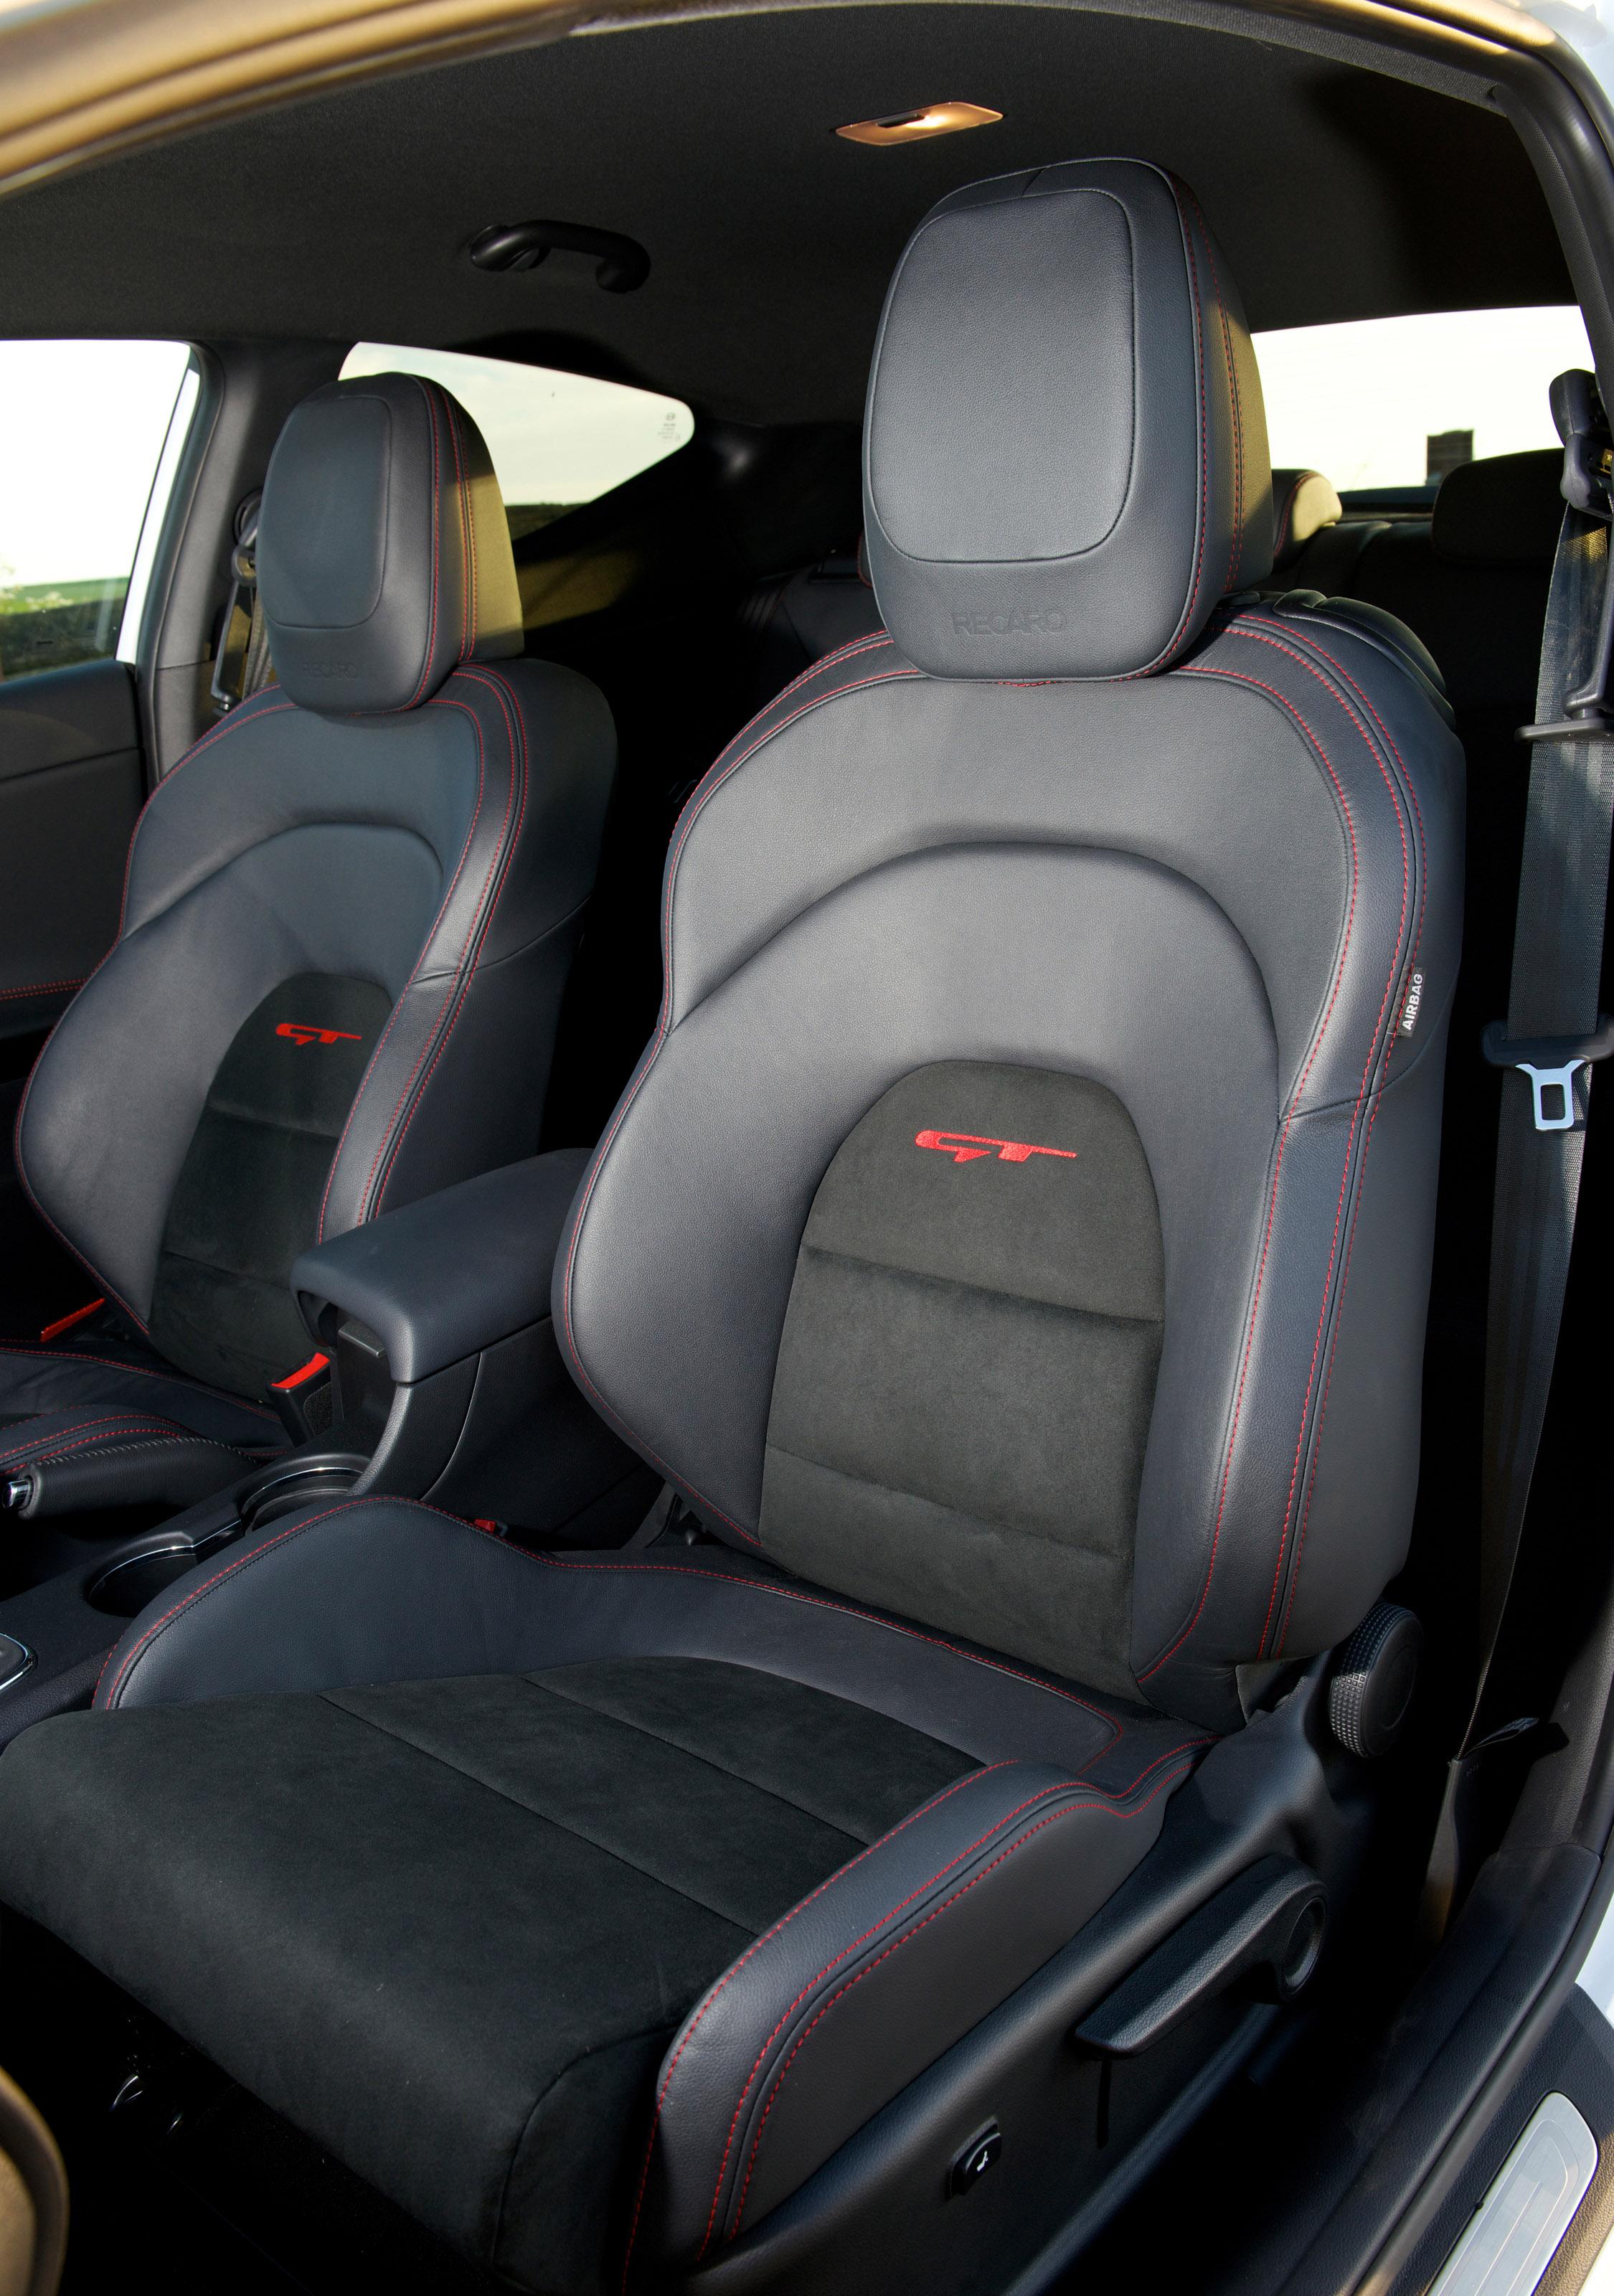 Kia Seat Covers Uk - Velcromag